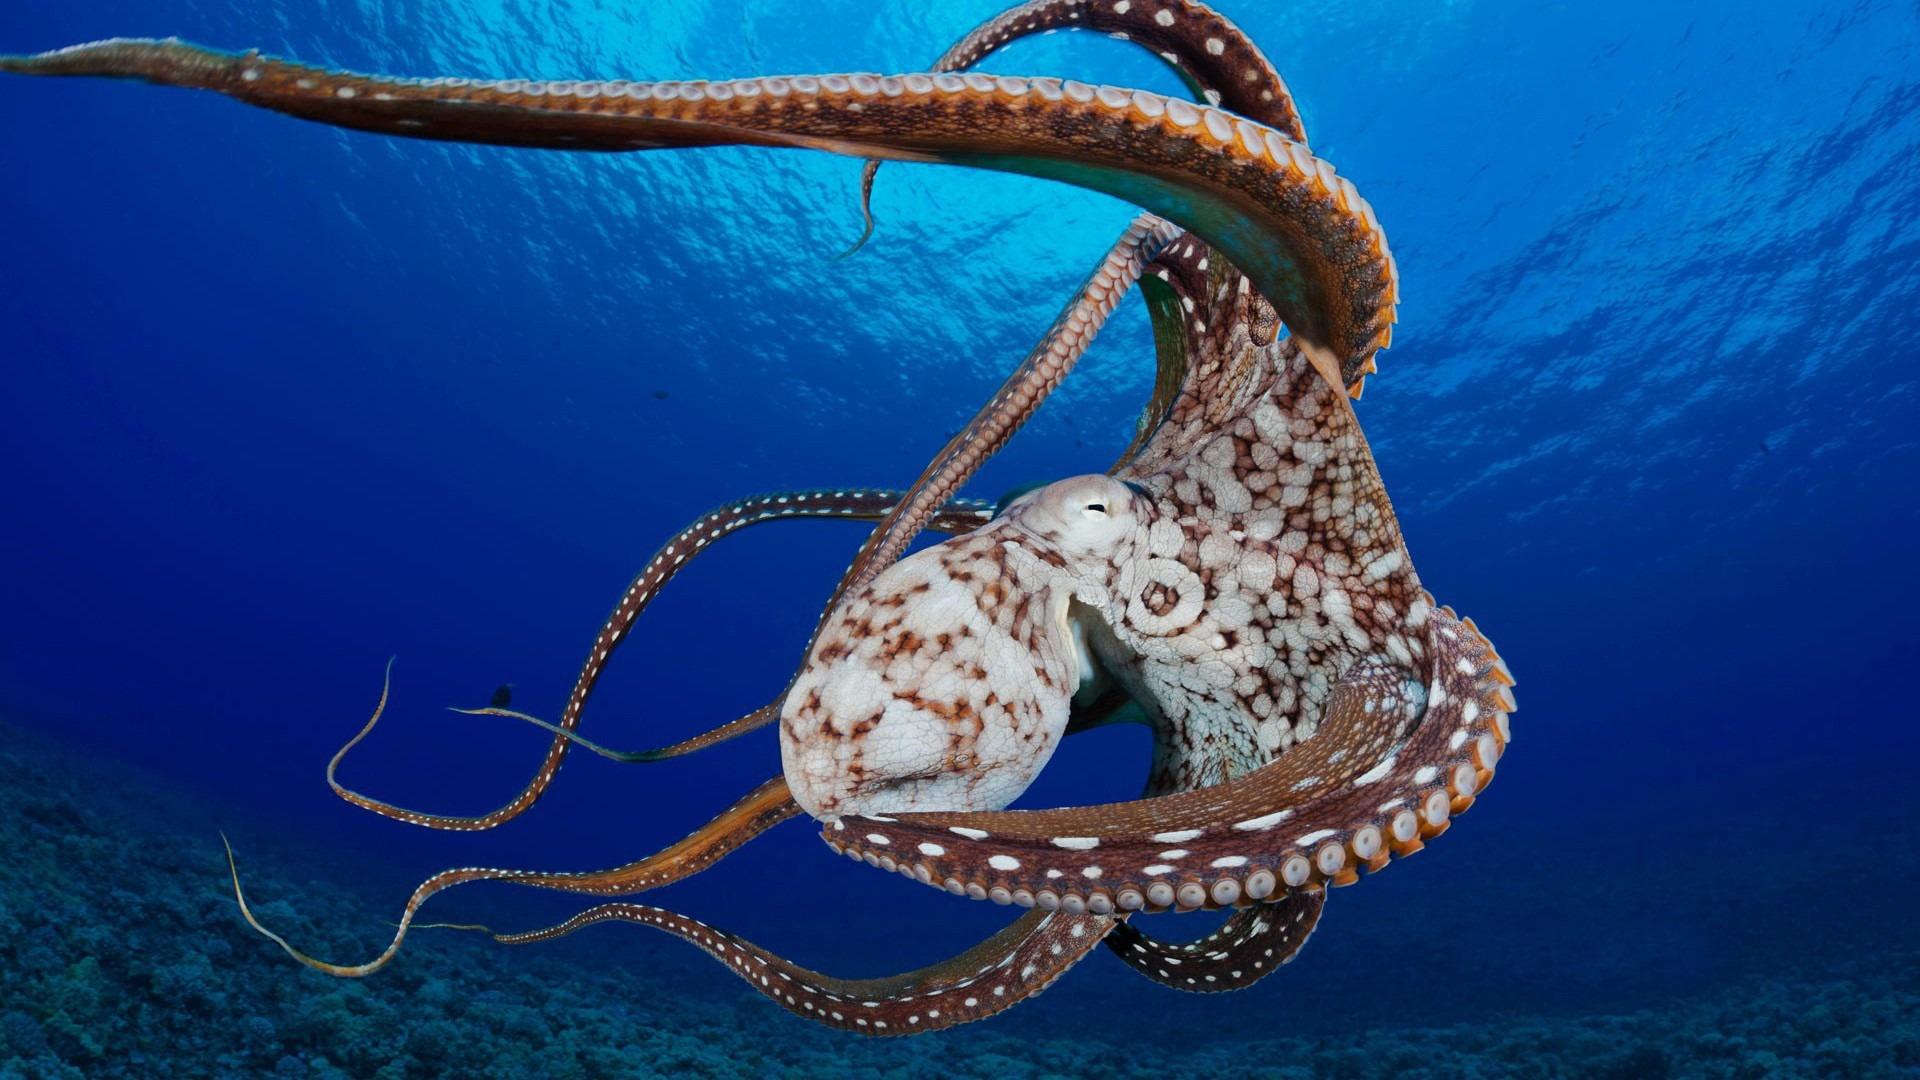 Octopus Photos